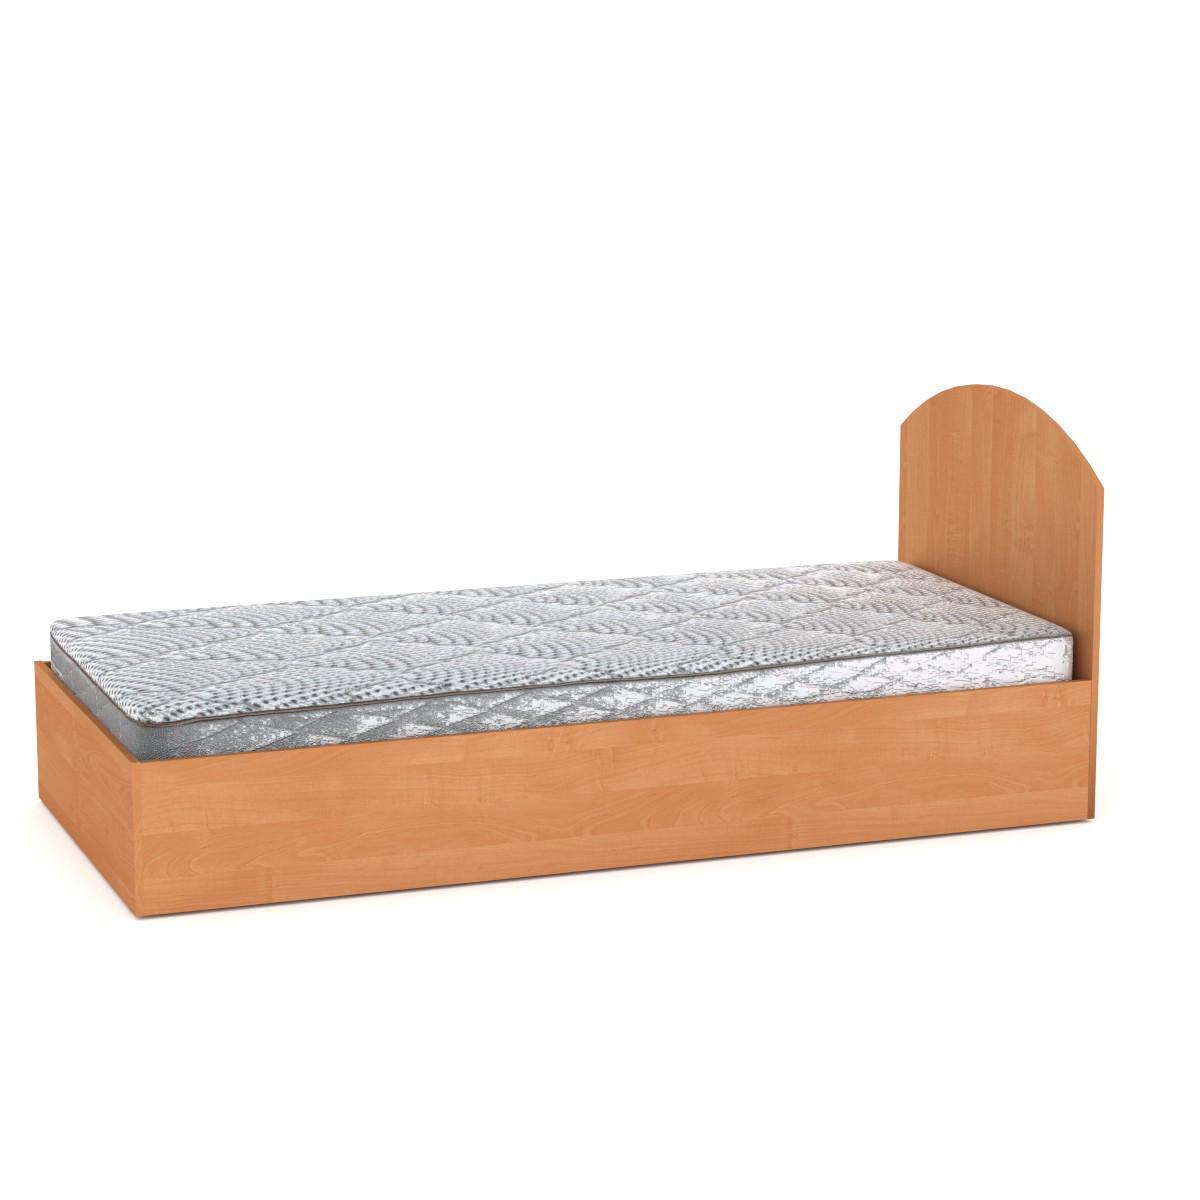 Кровать 90 ольха Компанит (94х204х85 см)